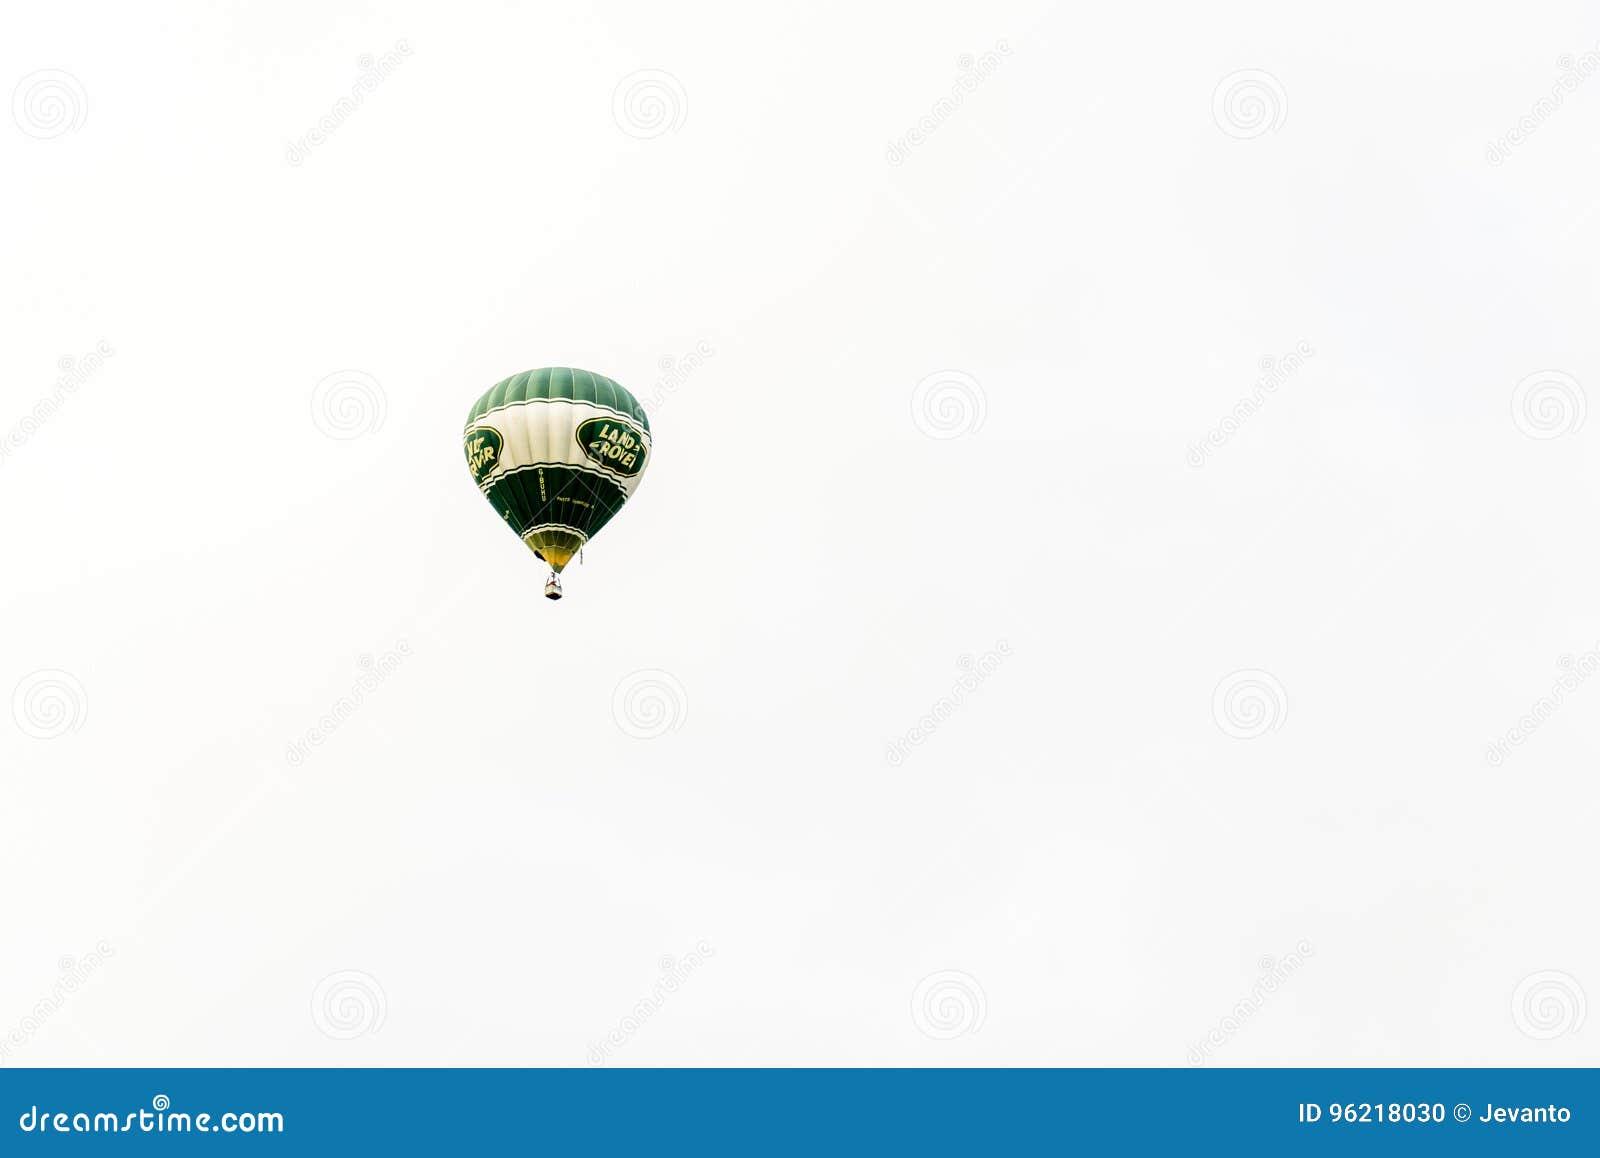 Pista de corridas, Northampton, Inglaterra, Reino Unido - 1º de julho: Balão de ar quente com o logotipo de Land Rover que voa so